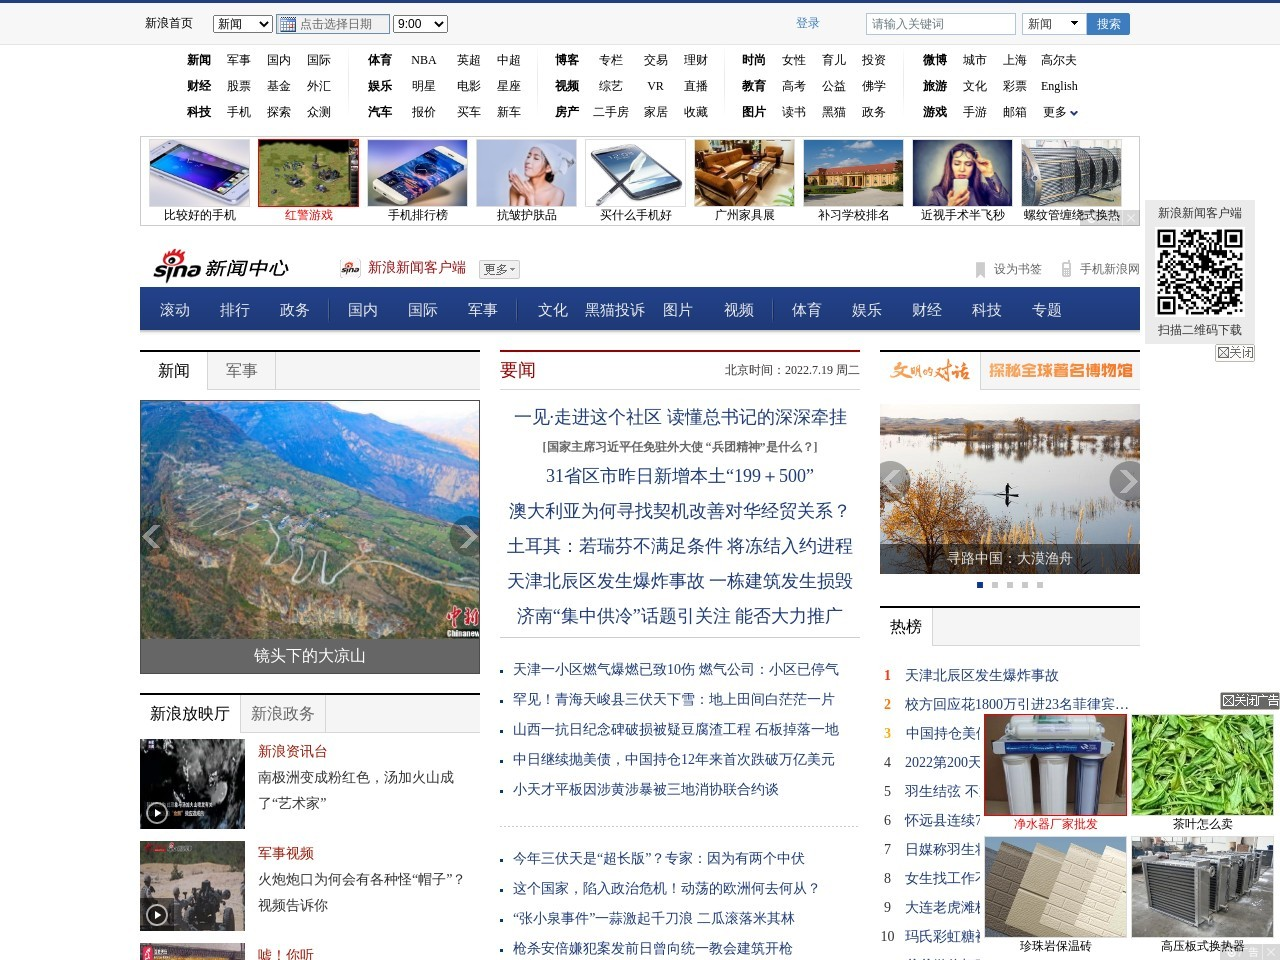 北京全市出入境服务窗口清明节期间暂停对外办公_新浪新闻